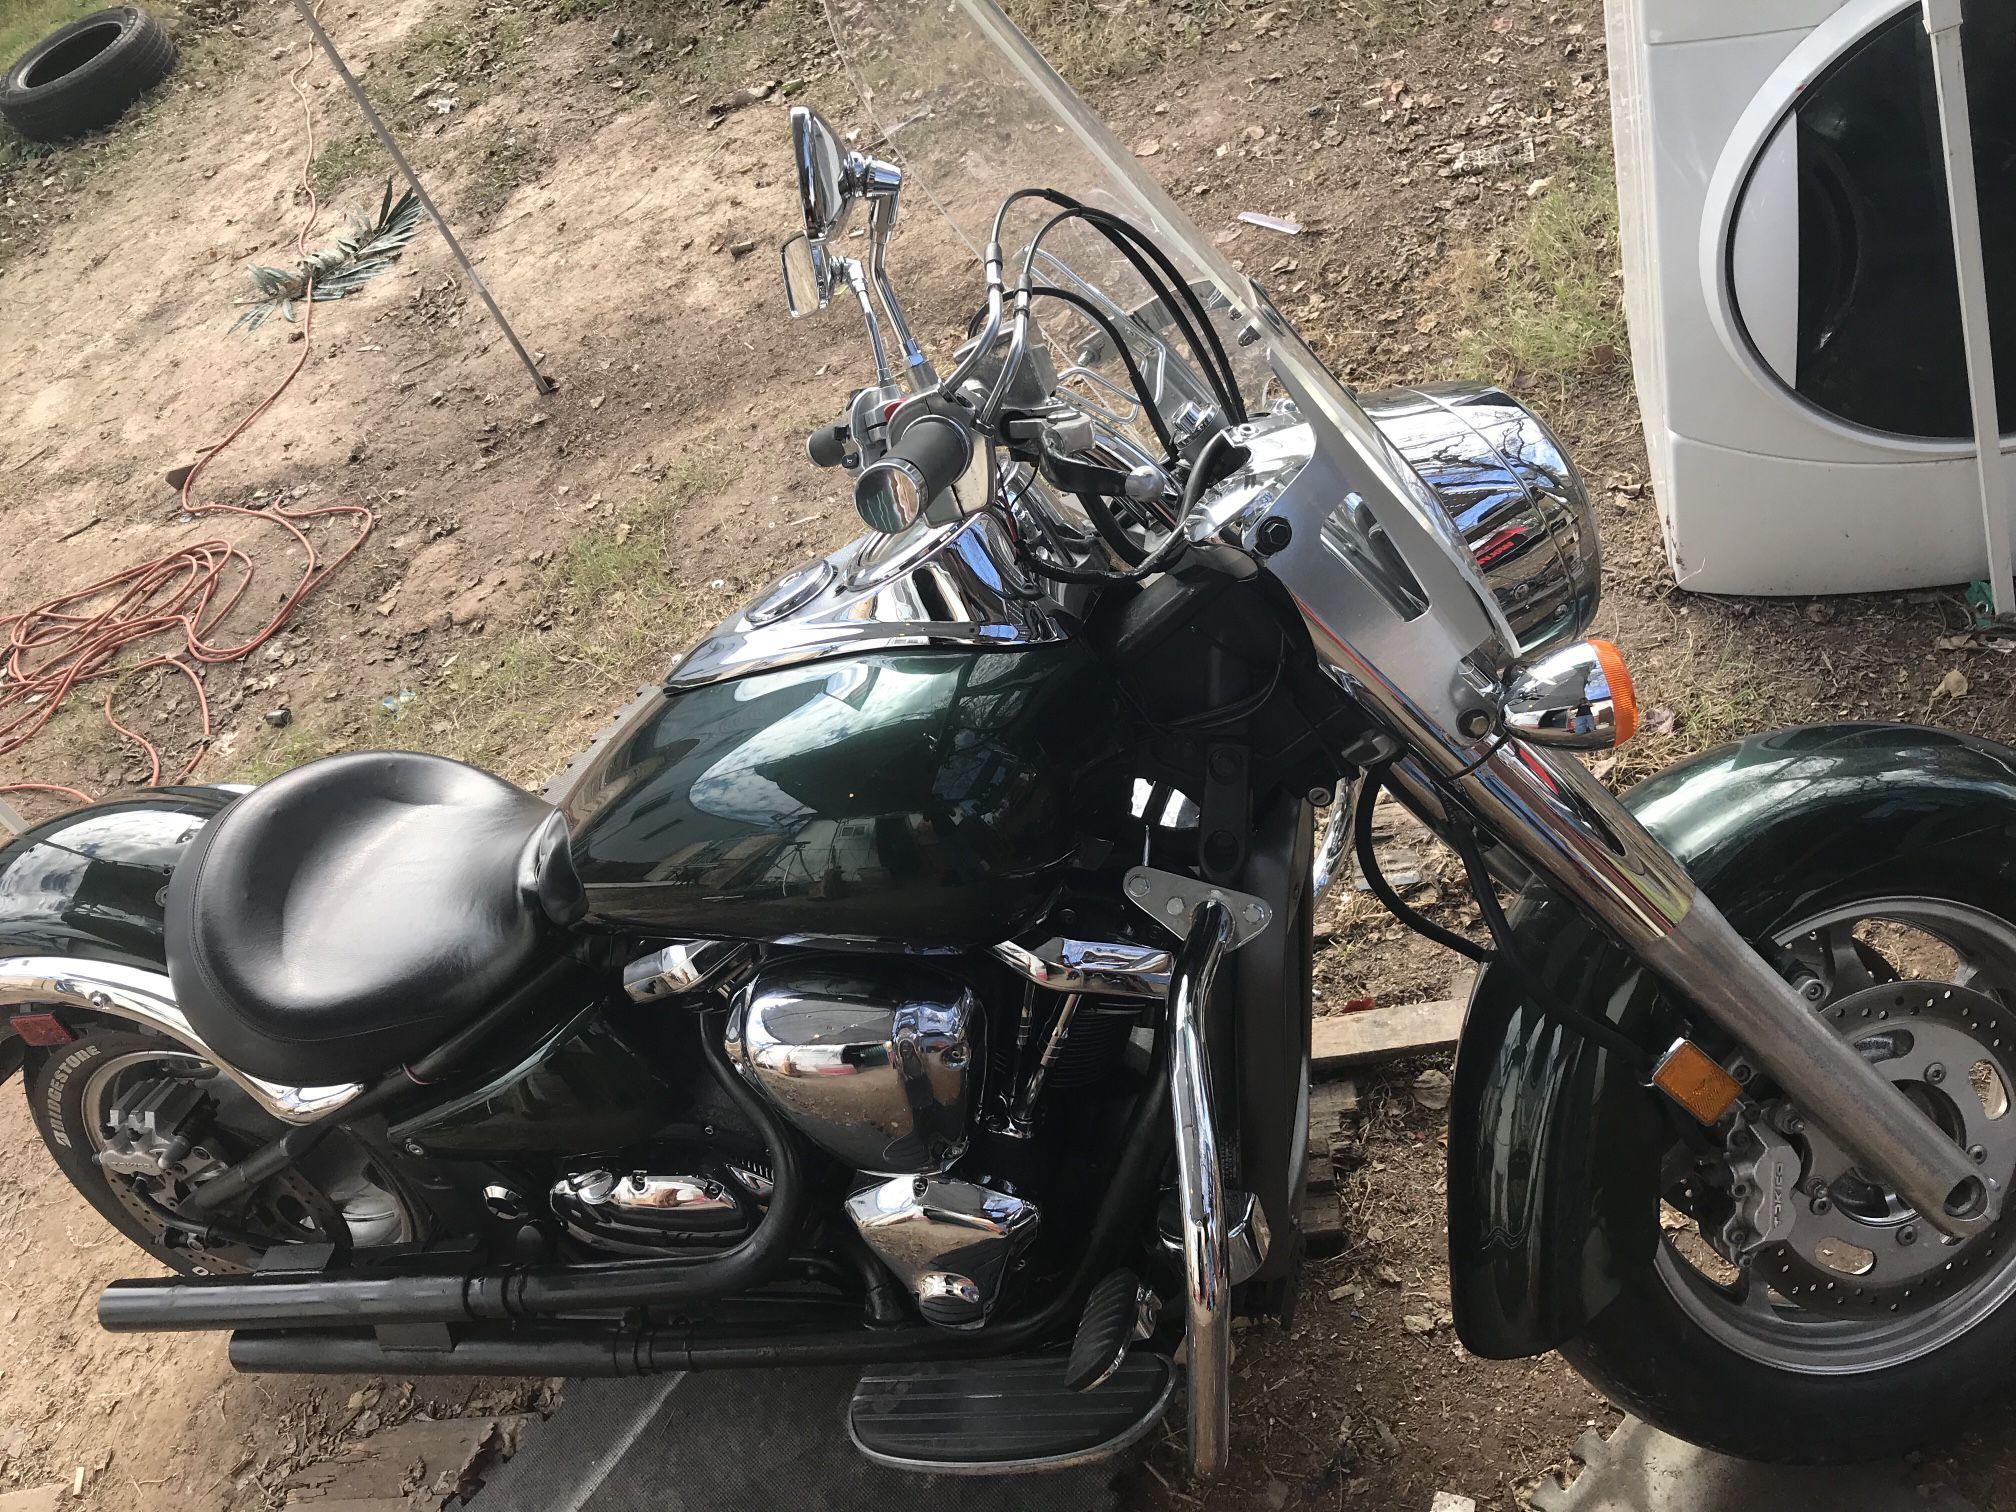 2005 Kawasaki Vulcan 2000 cc